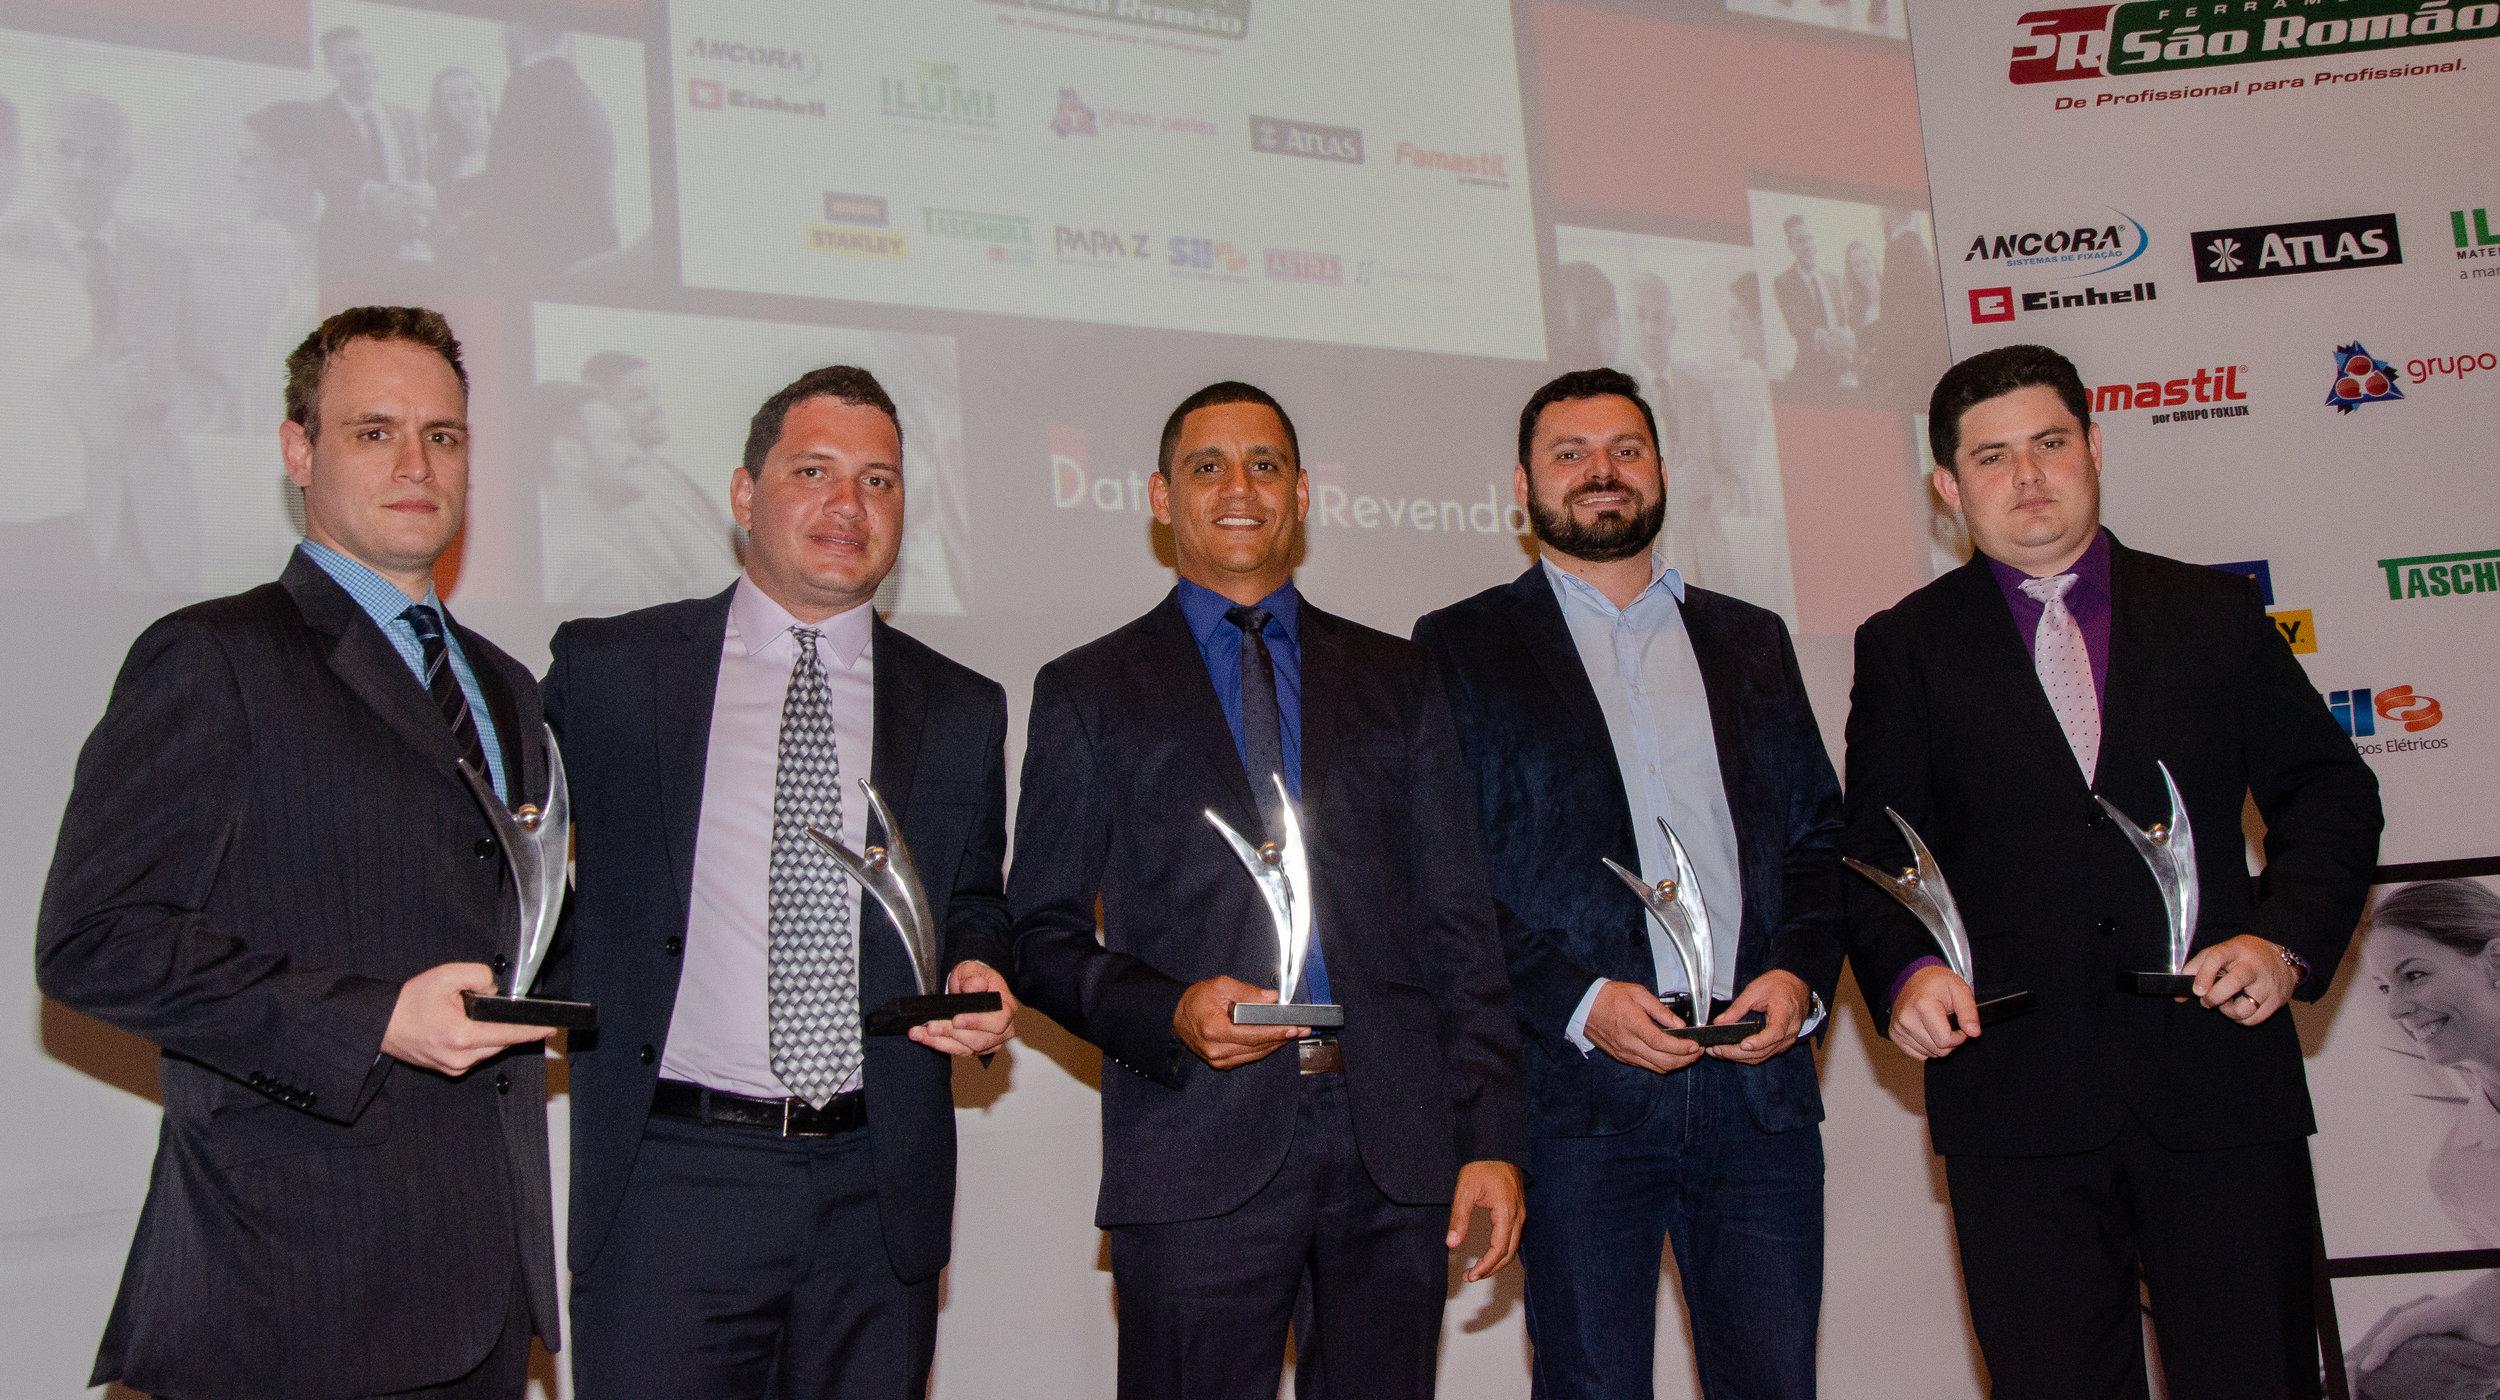 Da esquerda para a direita, Rodrigo Sessegolo (Diferpan), Alexandre Martins (Nova Casa), Leandro Dias (Construjá), Danilo Pires (Mercante) e Assis Bezerra (Maia), todos representates de distribuidoras que formam o grupo G8.